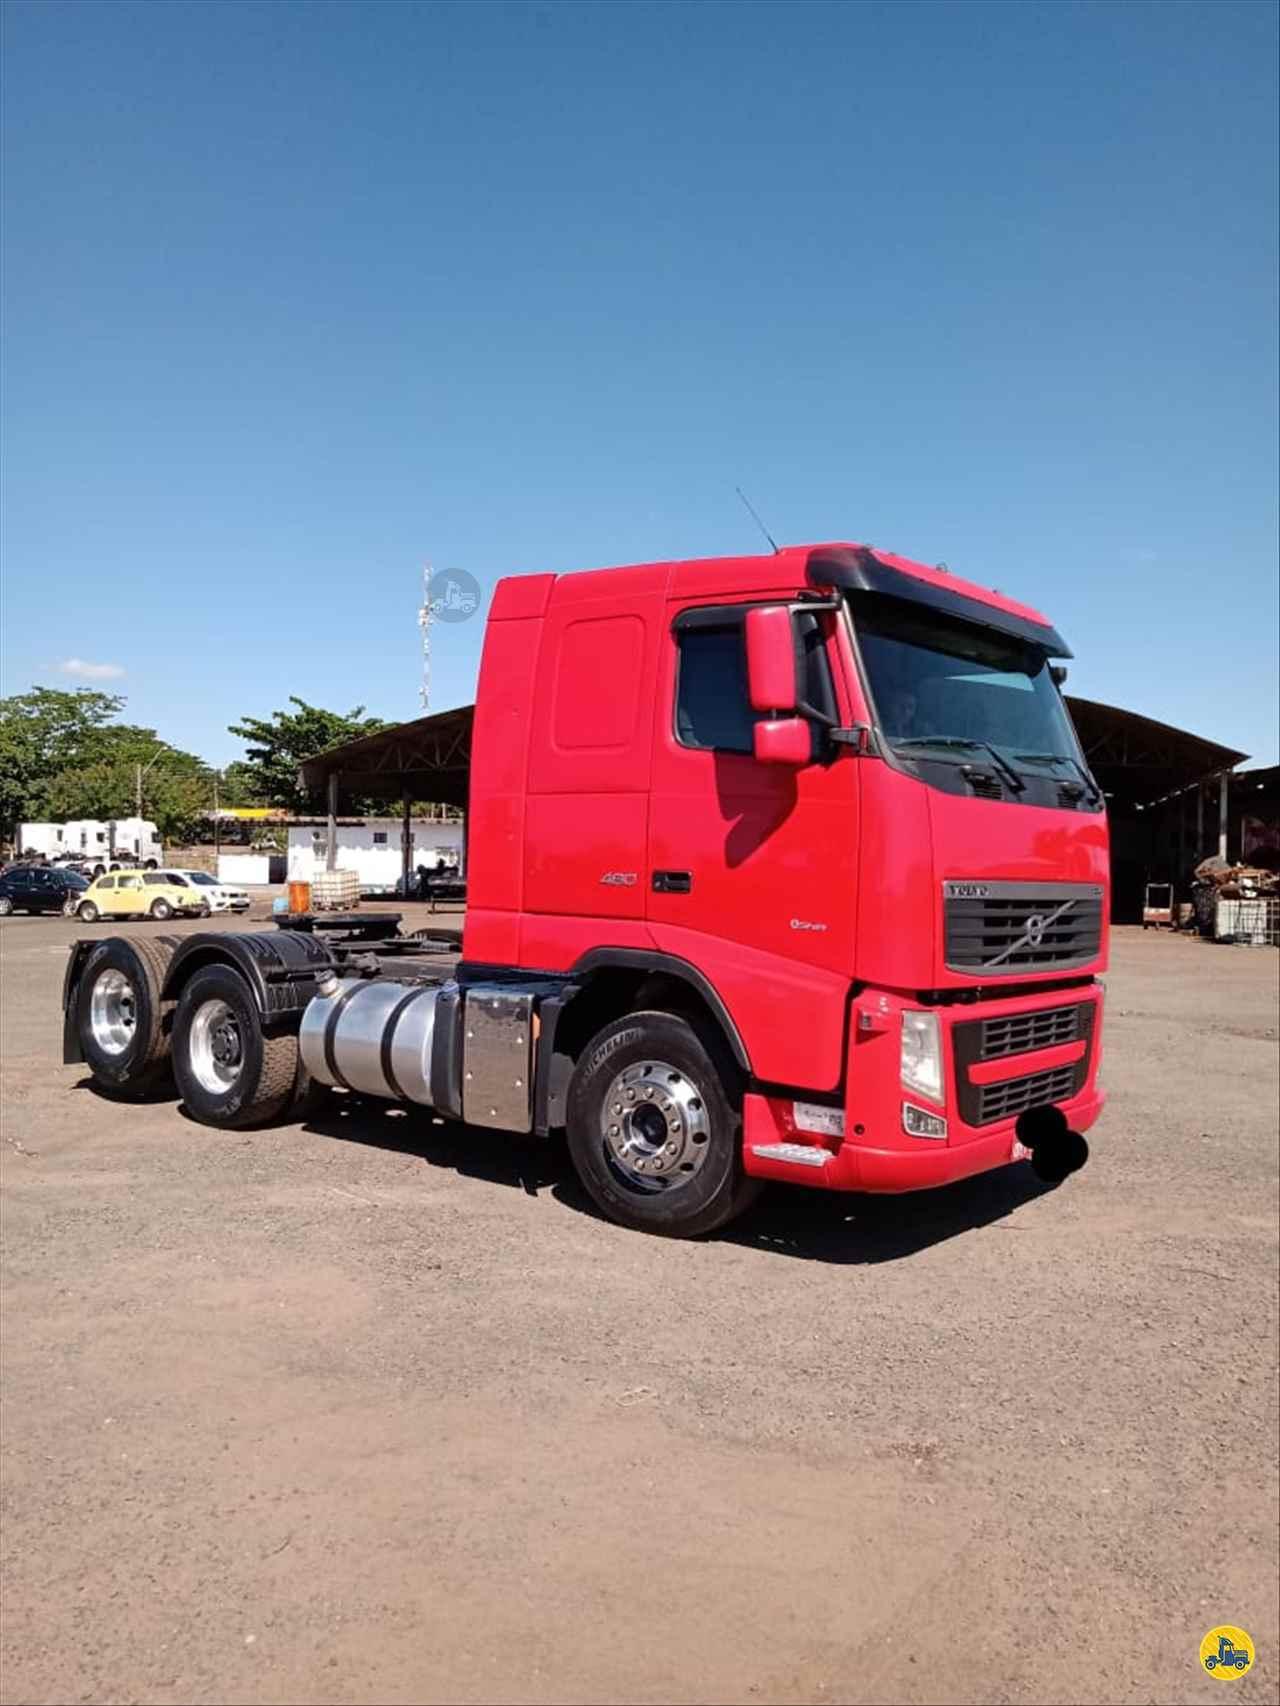 CAMINHAO VOLVO VOLVO FH 460 Cavalo Mecânico Truck 6x2 Gama Caminhões e Utilitários CATANDUVA SÃO PAULO SP